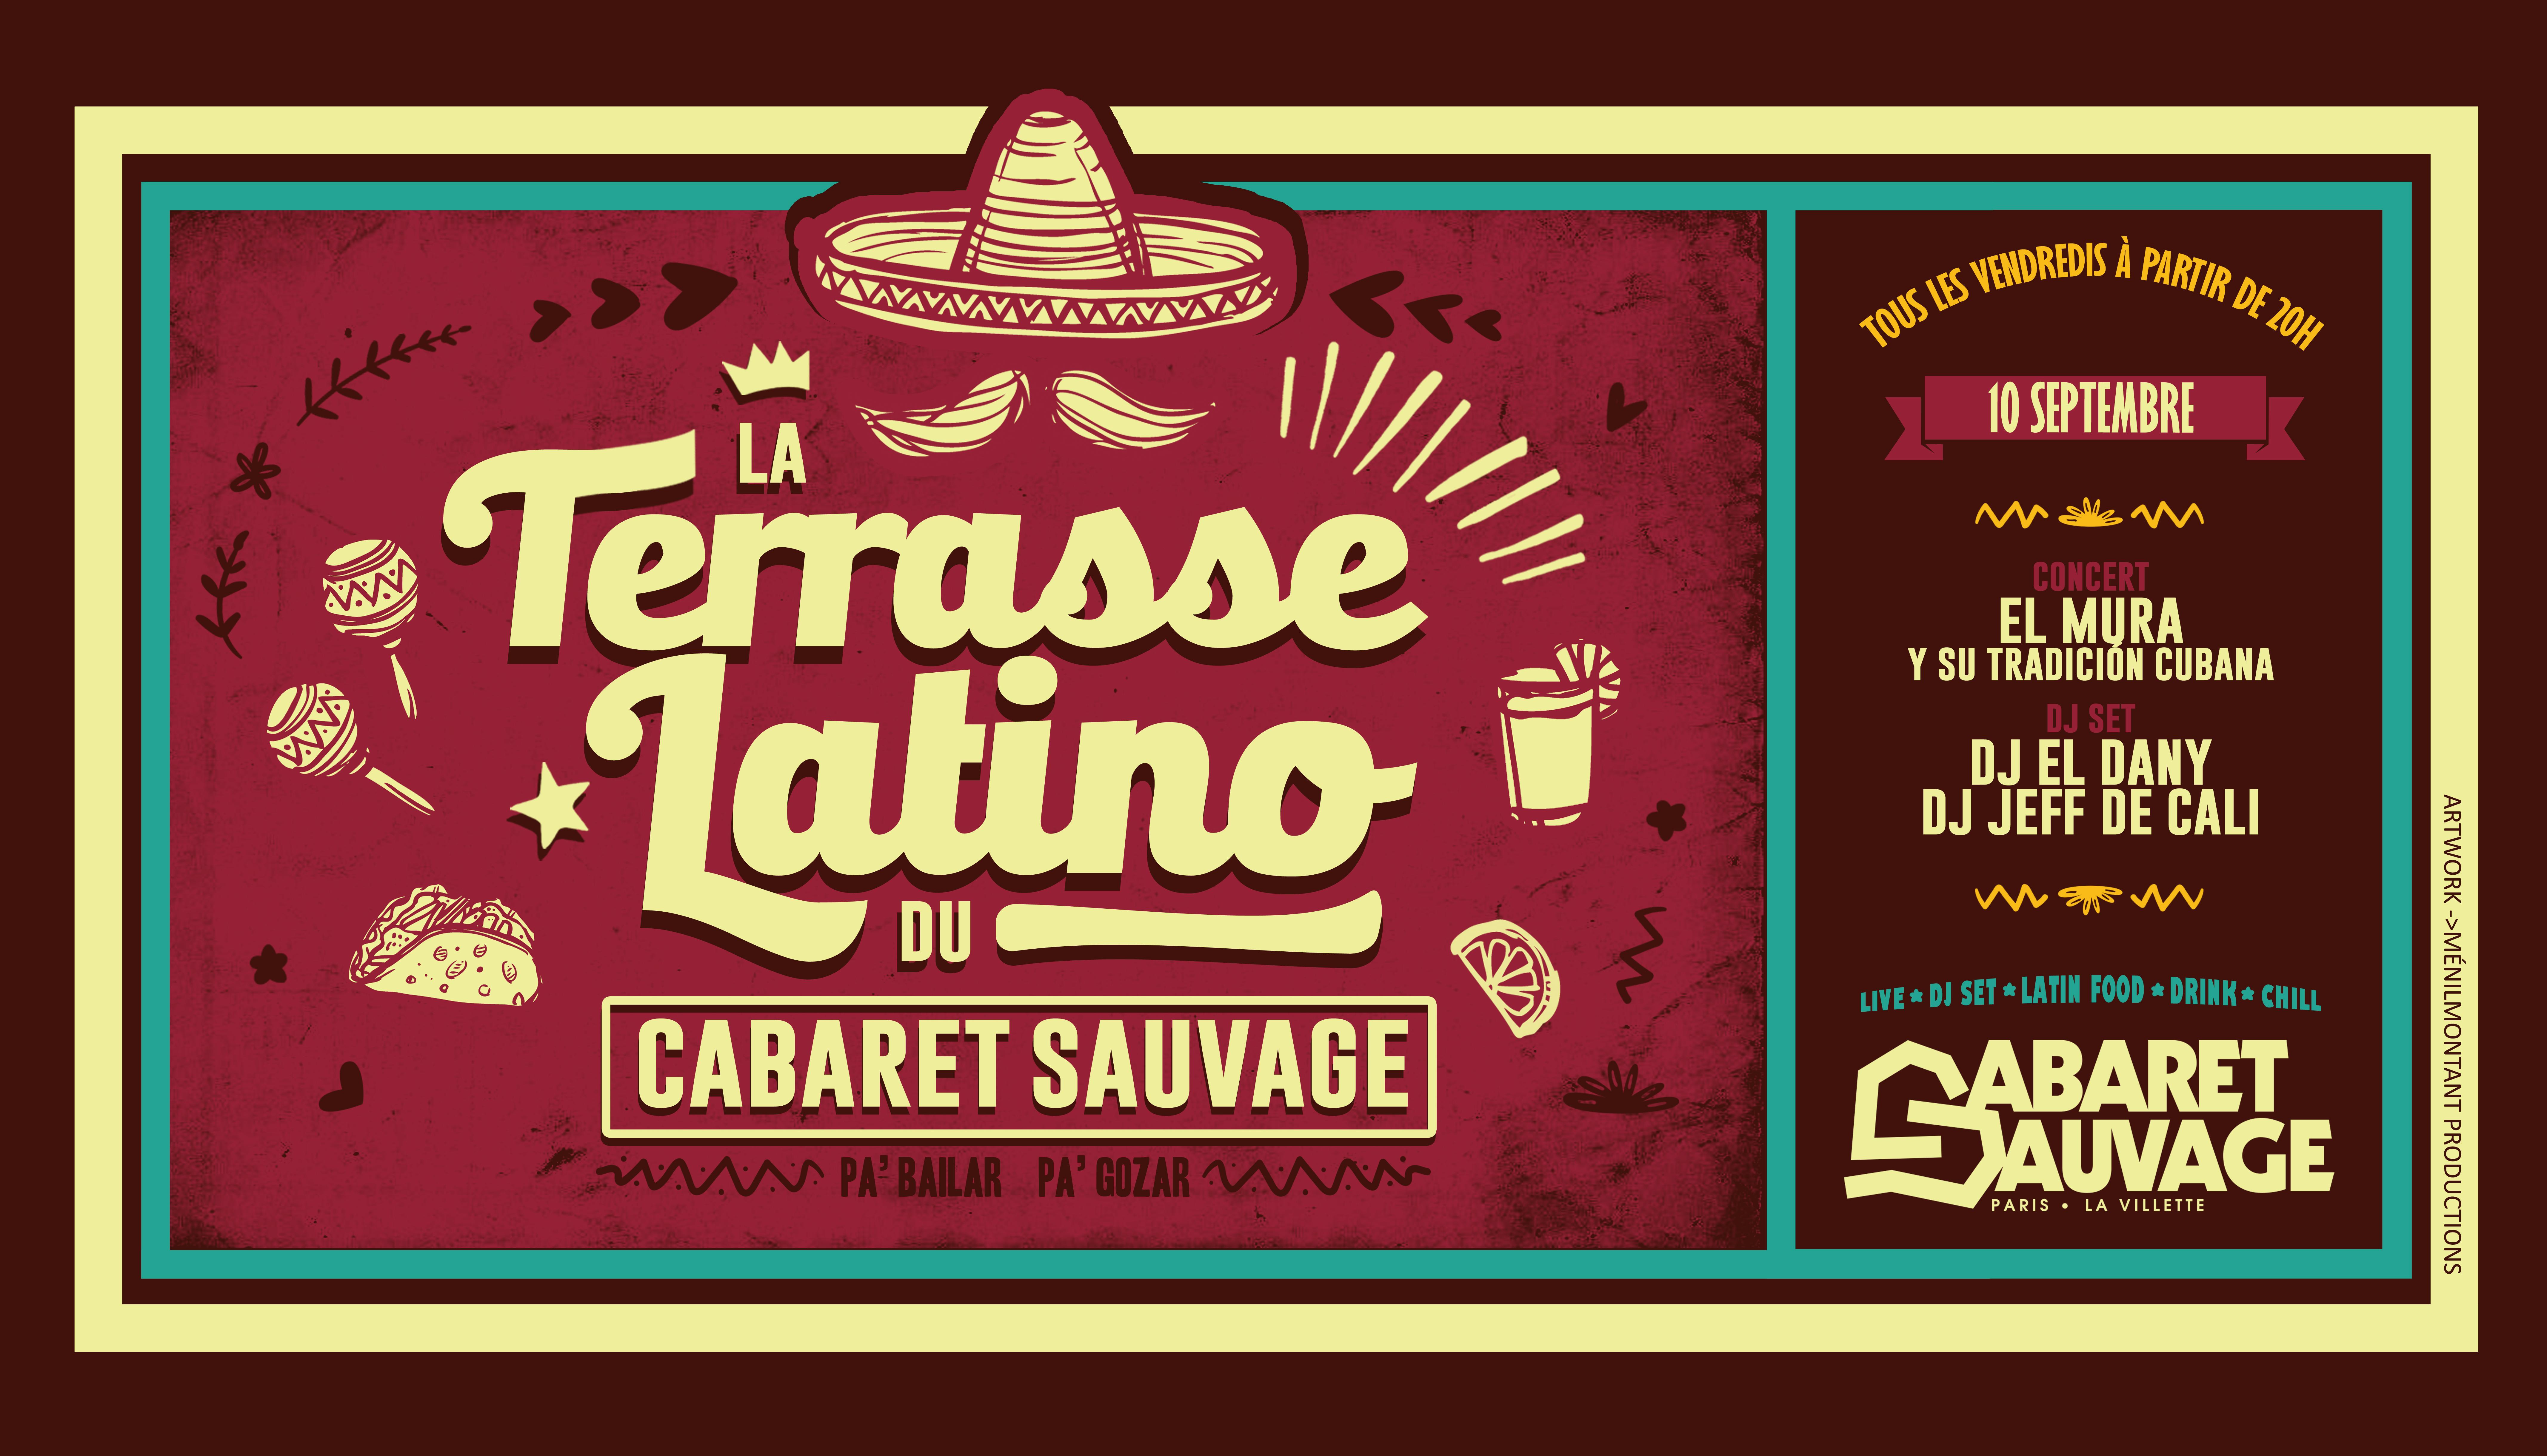 La Terrasse Latino du Cabaret Sauvage - Vendredi 10 Septembre 2021